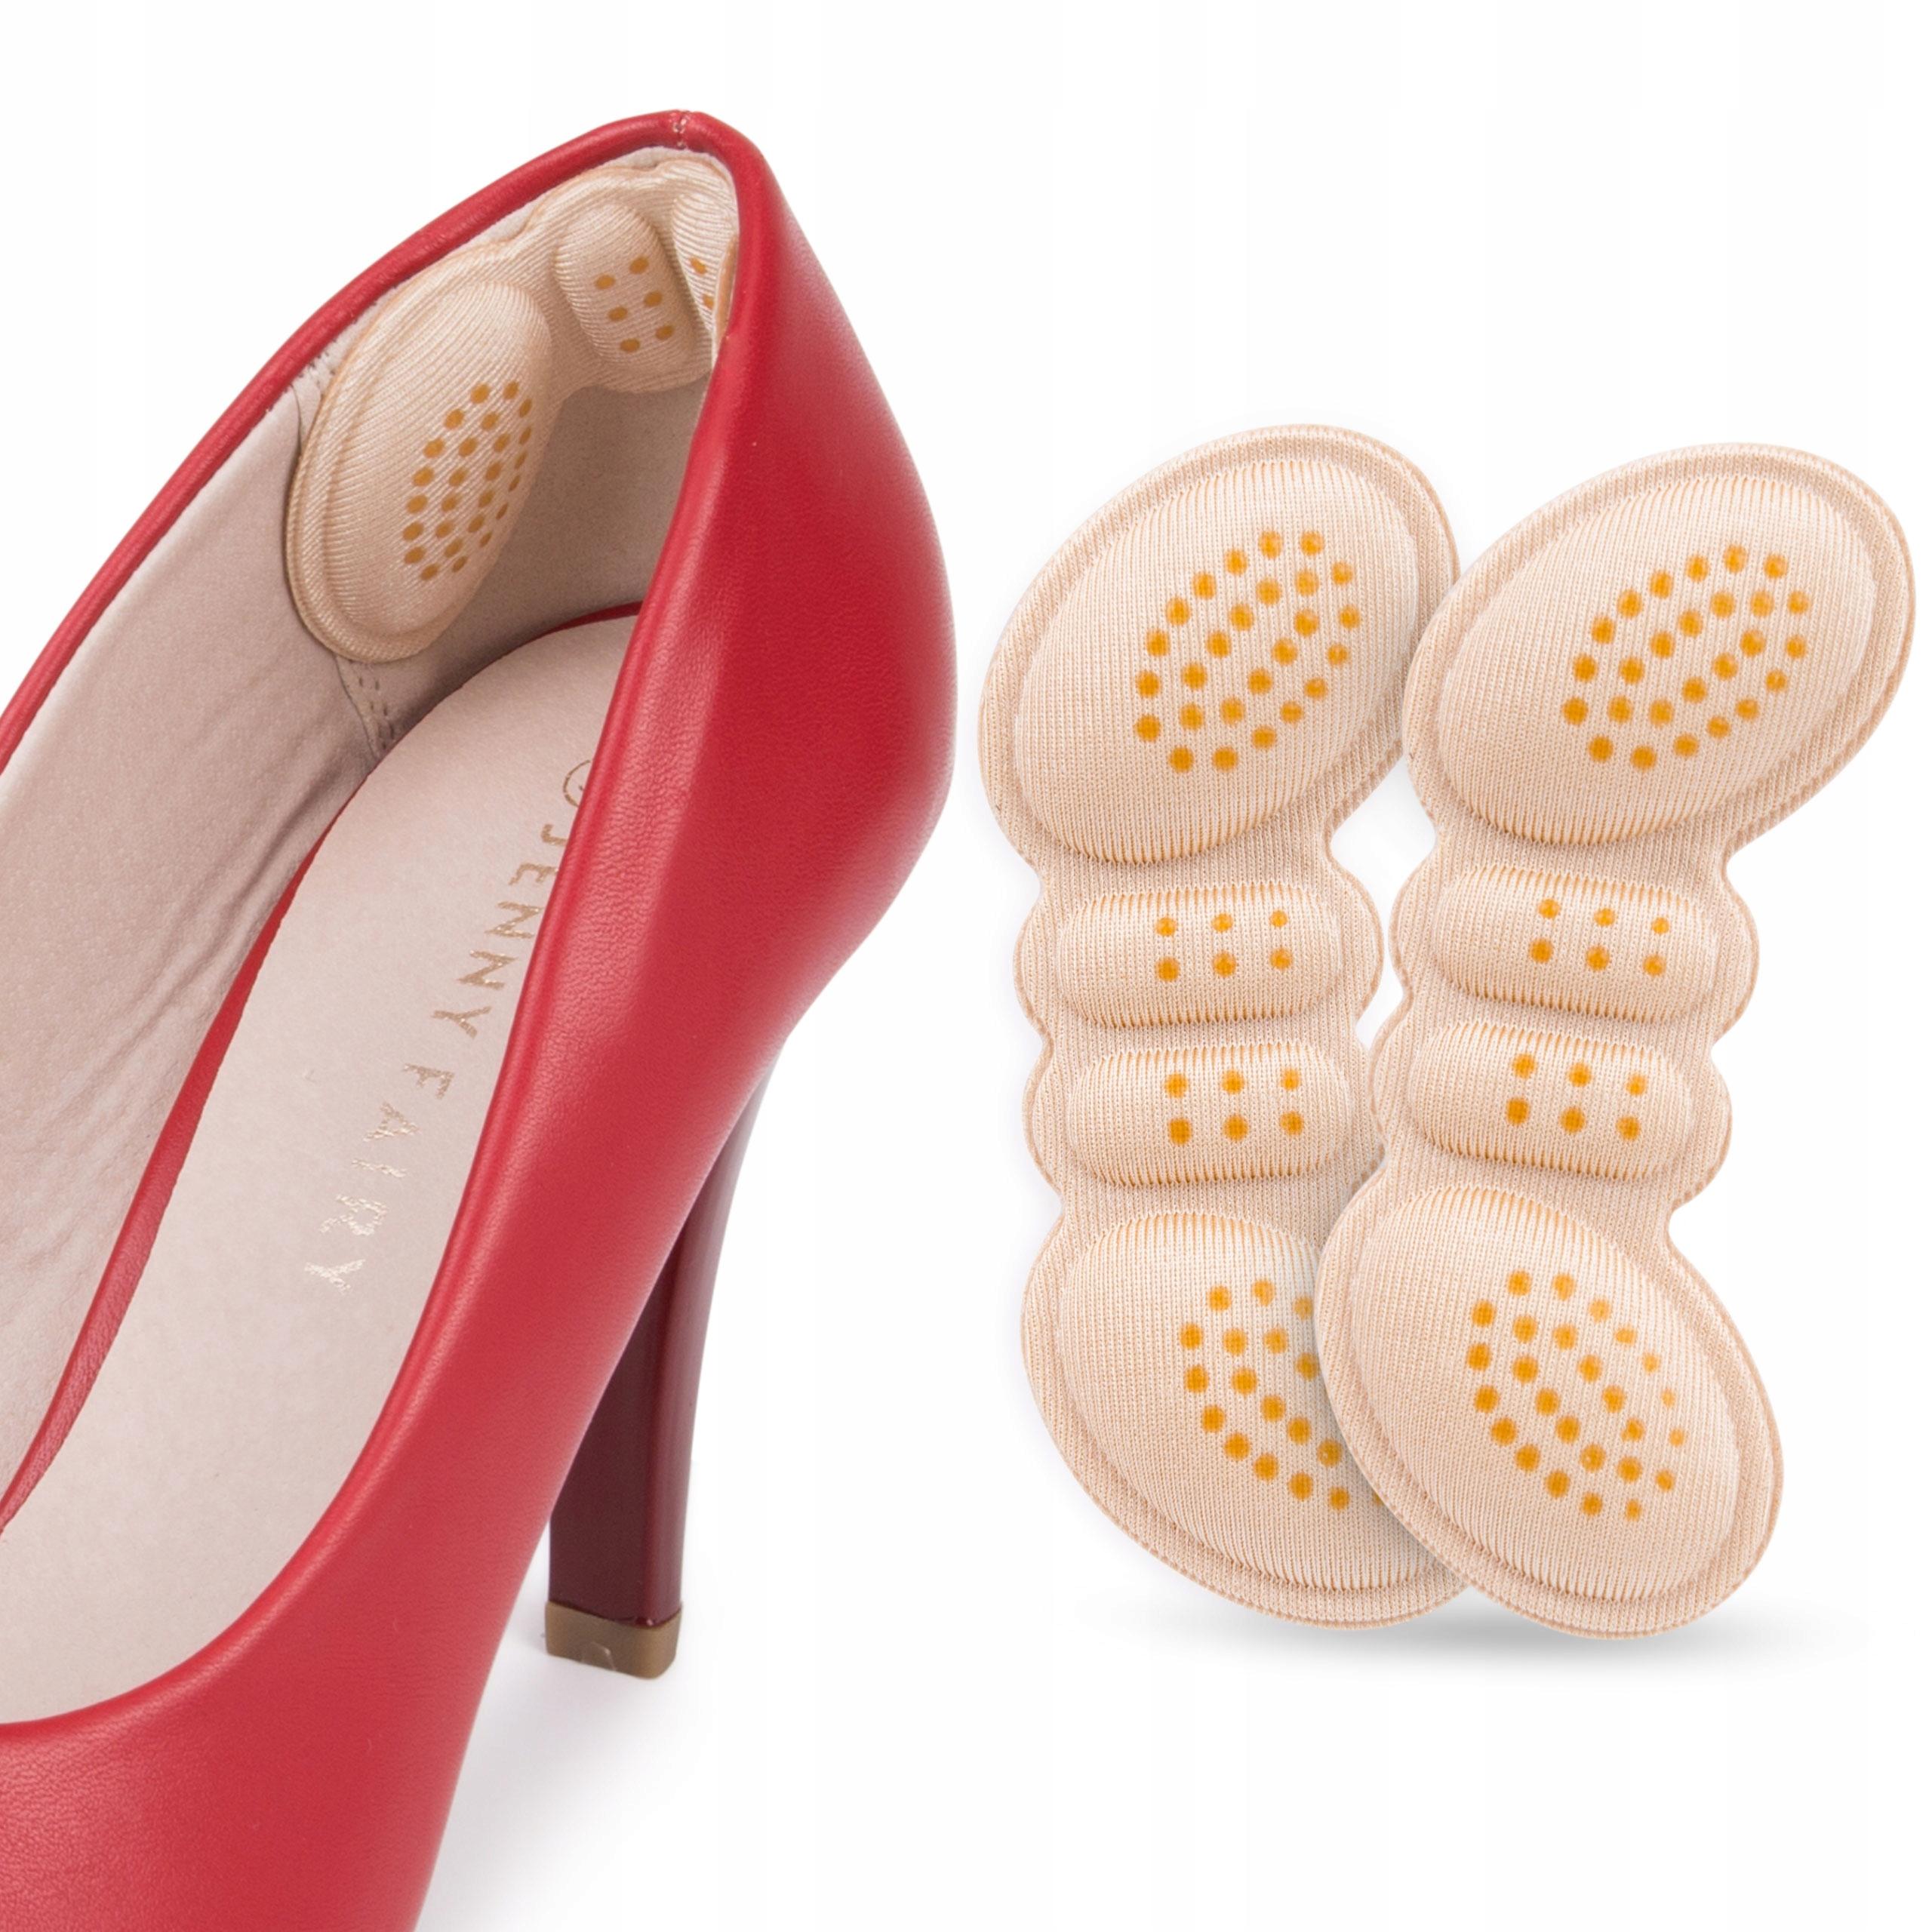 Piankowe zapiętki butów obtarcia pięty wklejane